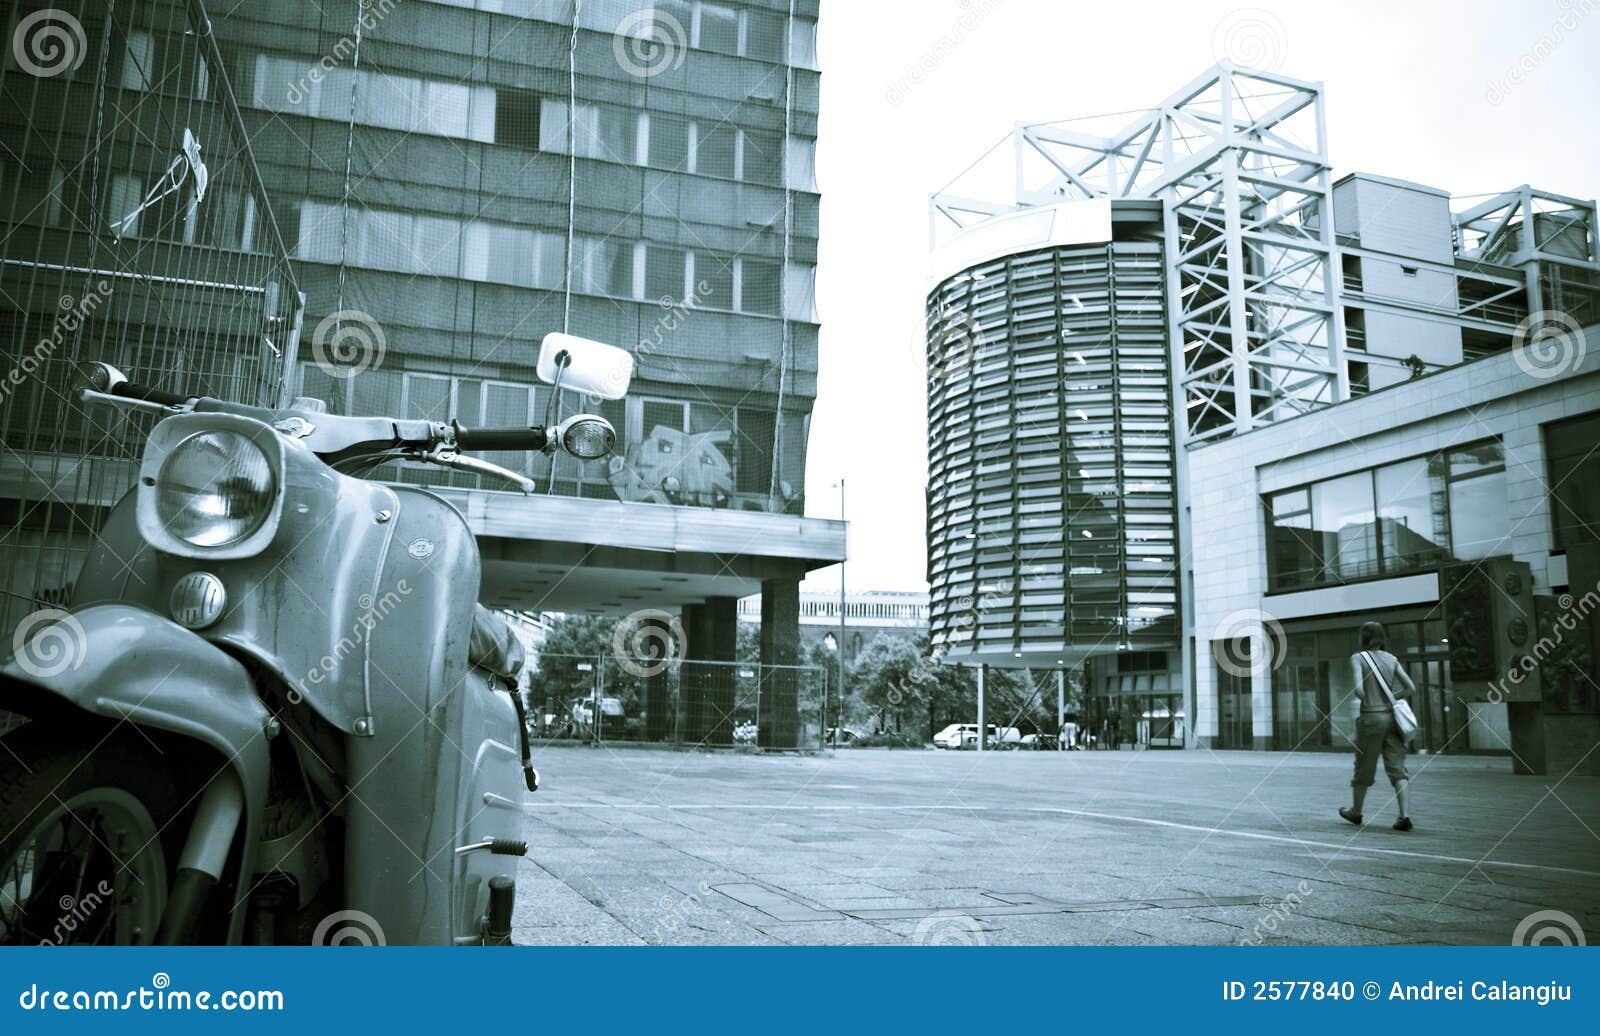 Bromfiets aan kant van stedelijk plein